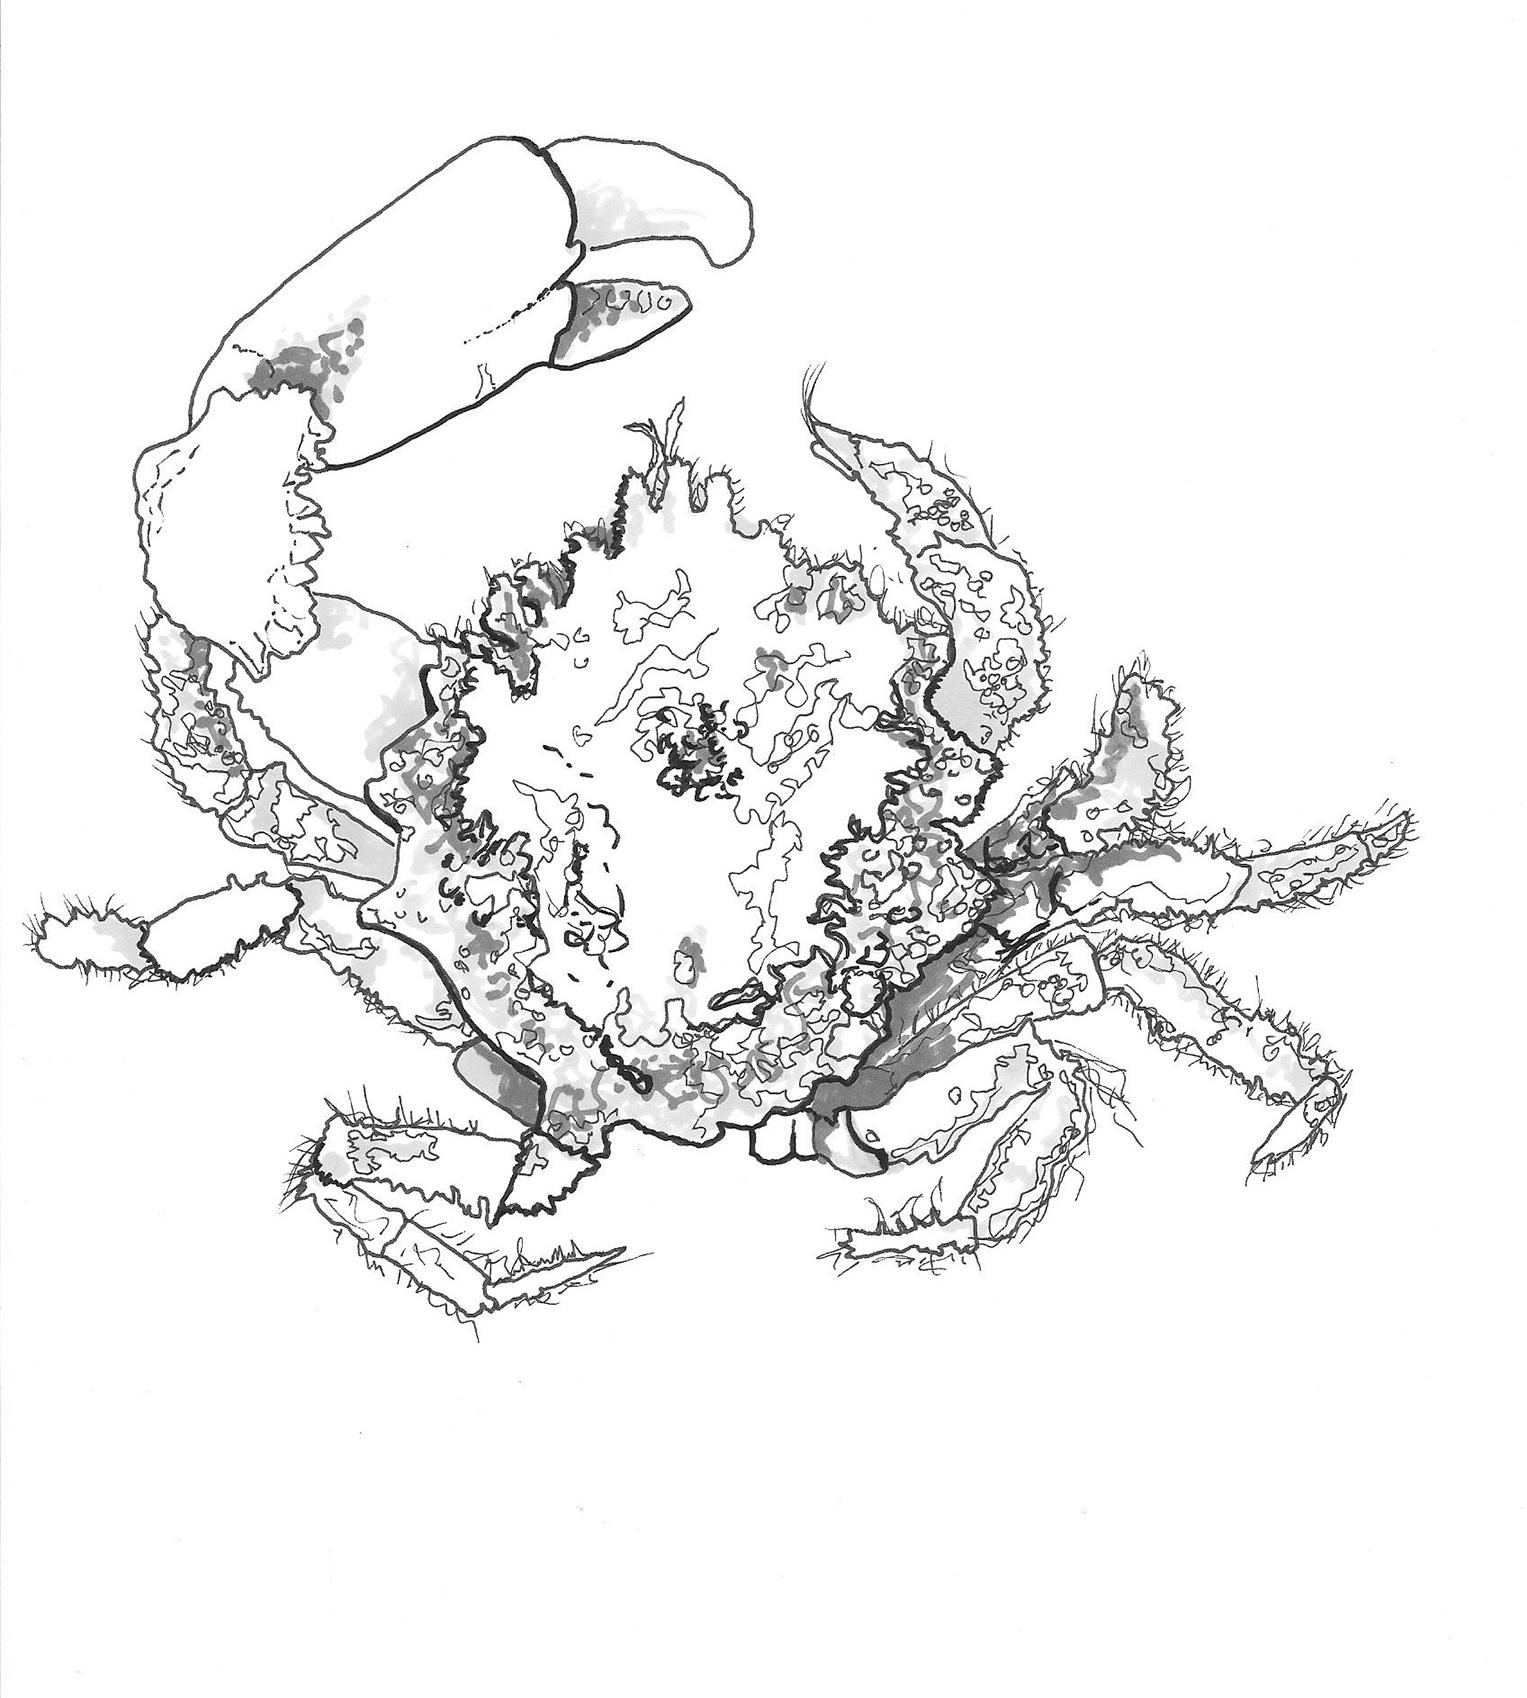 Whiten_crab_illustration_2.jpg